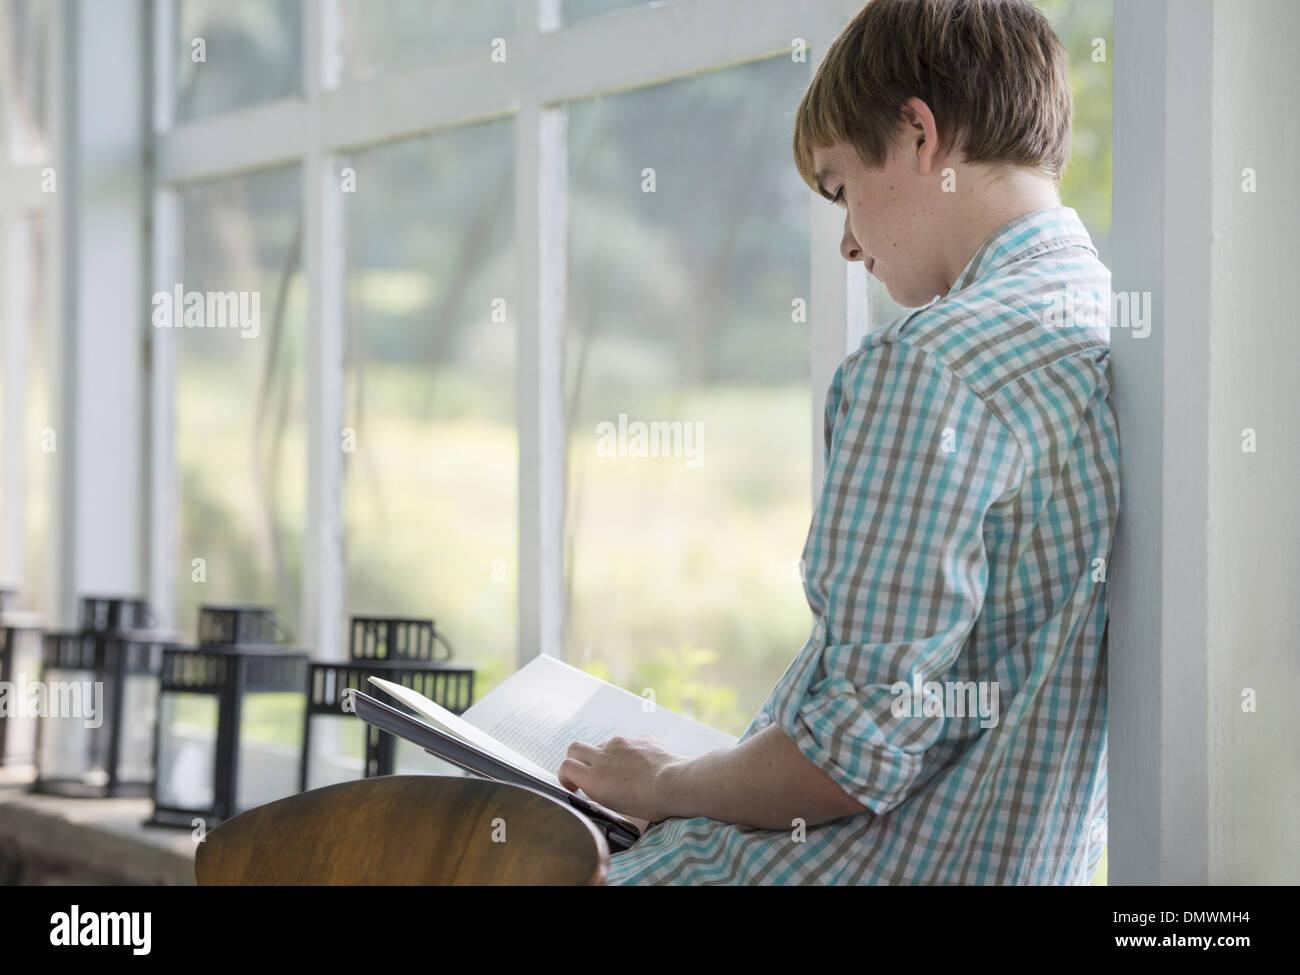 Un giovane persona seduta a leggere un libro. Immagini Stock